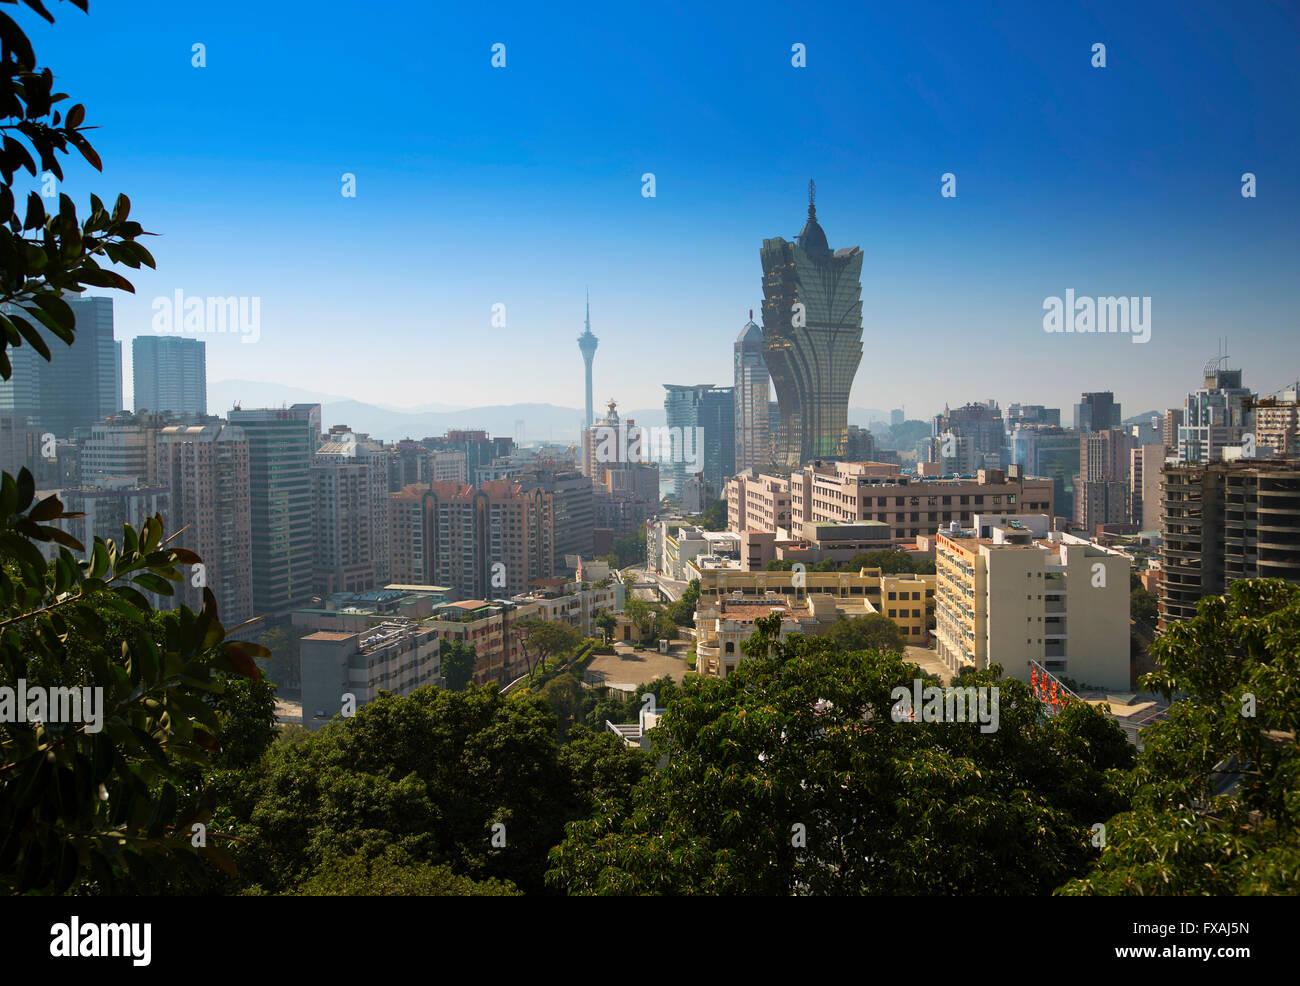 Casino Grand Lisboa et à l'arrière-plan la Tour de Macau, Macao, Chine Photo Stock